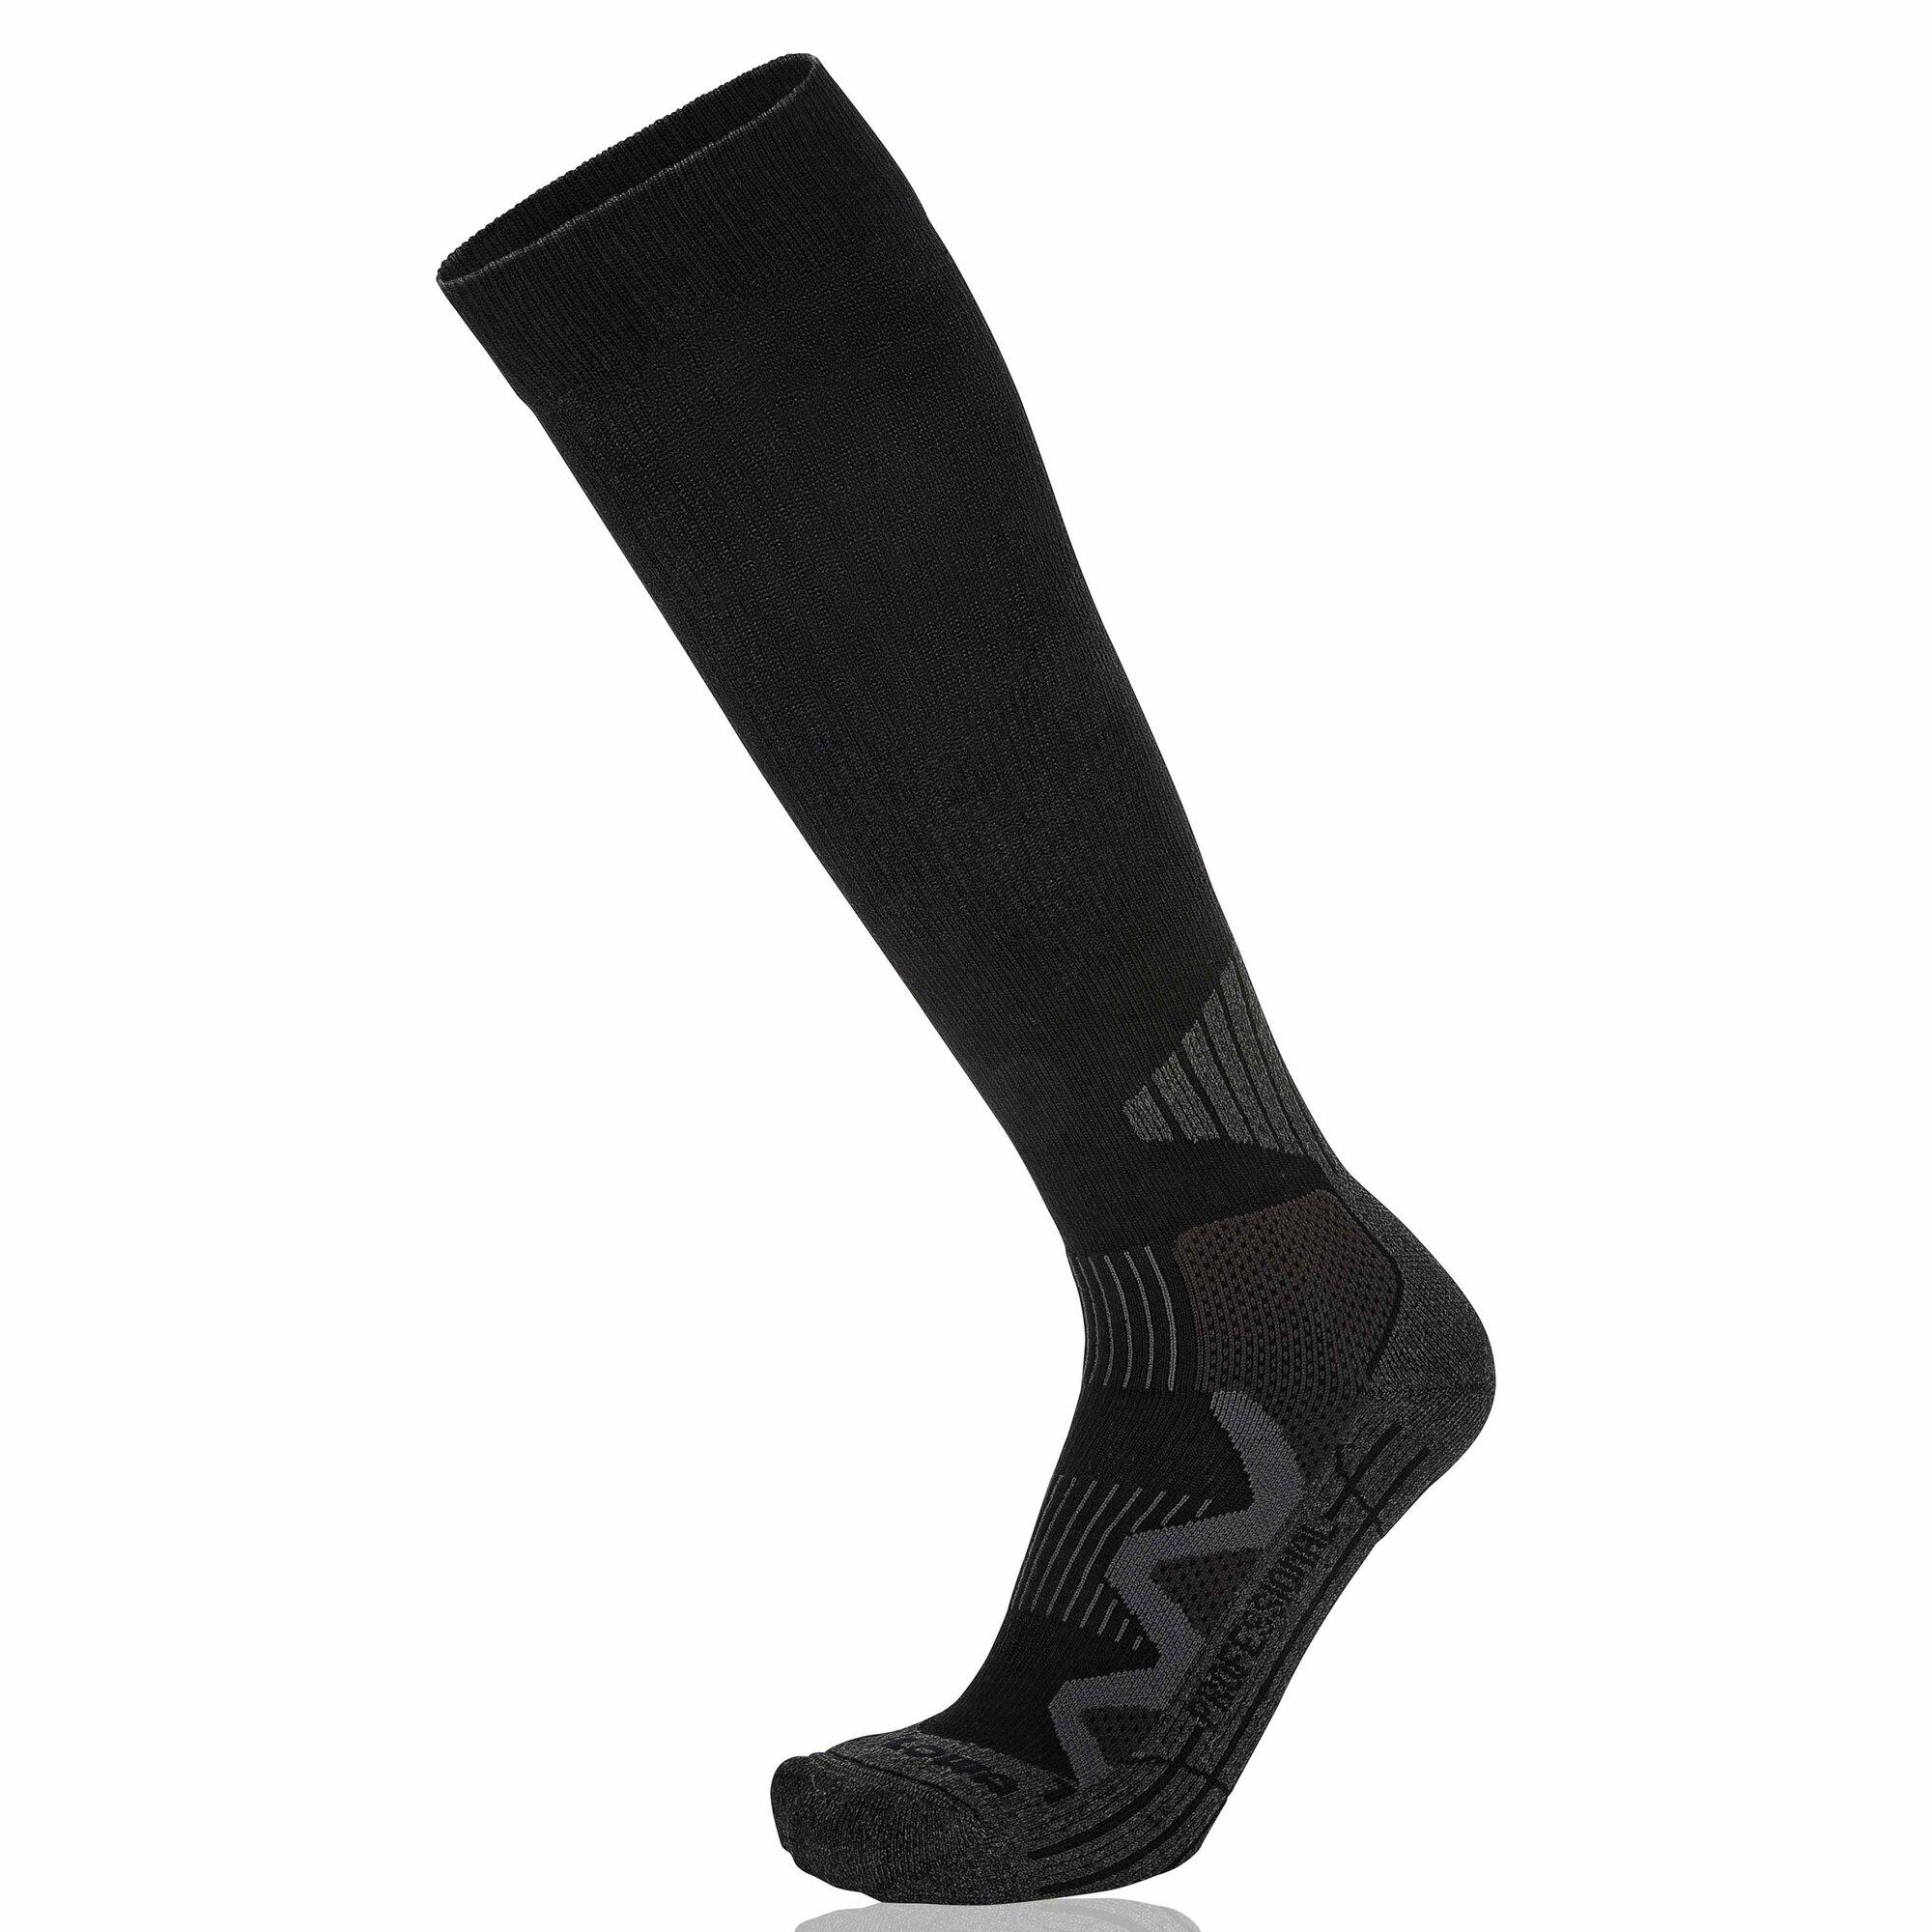 Kompresné ponožky Compression Pro Lowa® (Farba: Čierna, Veľkosť: 39-40)